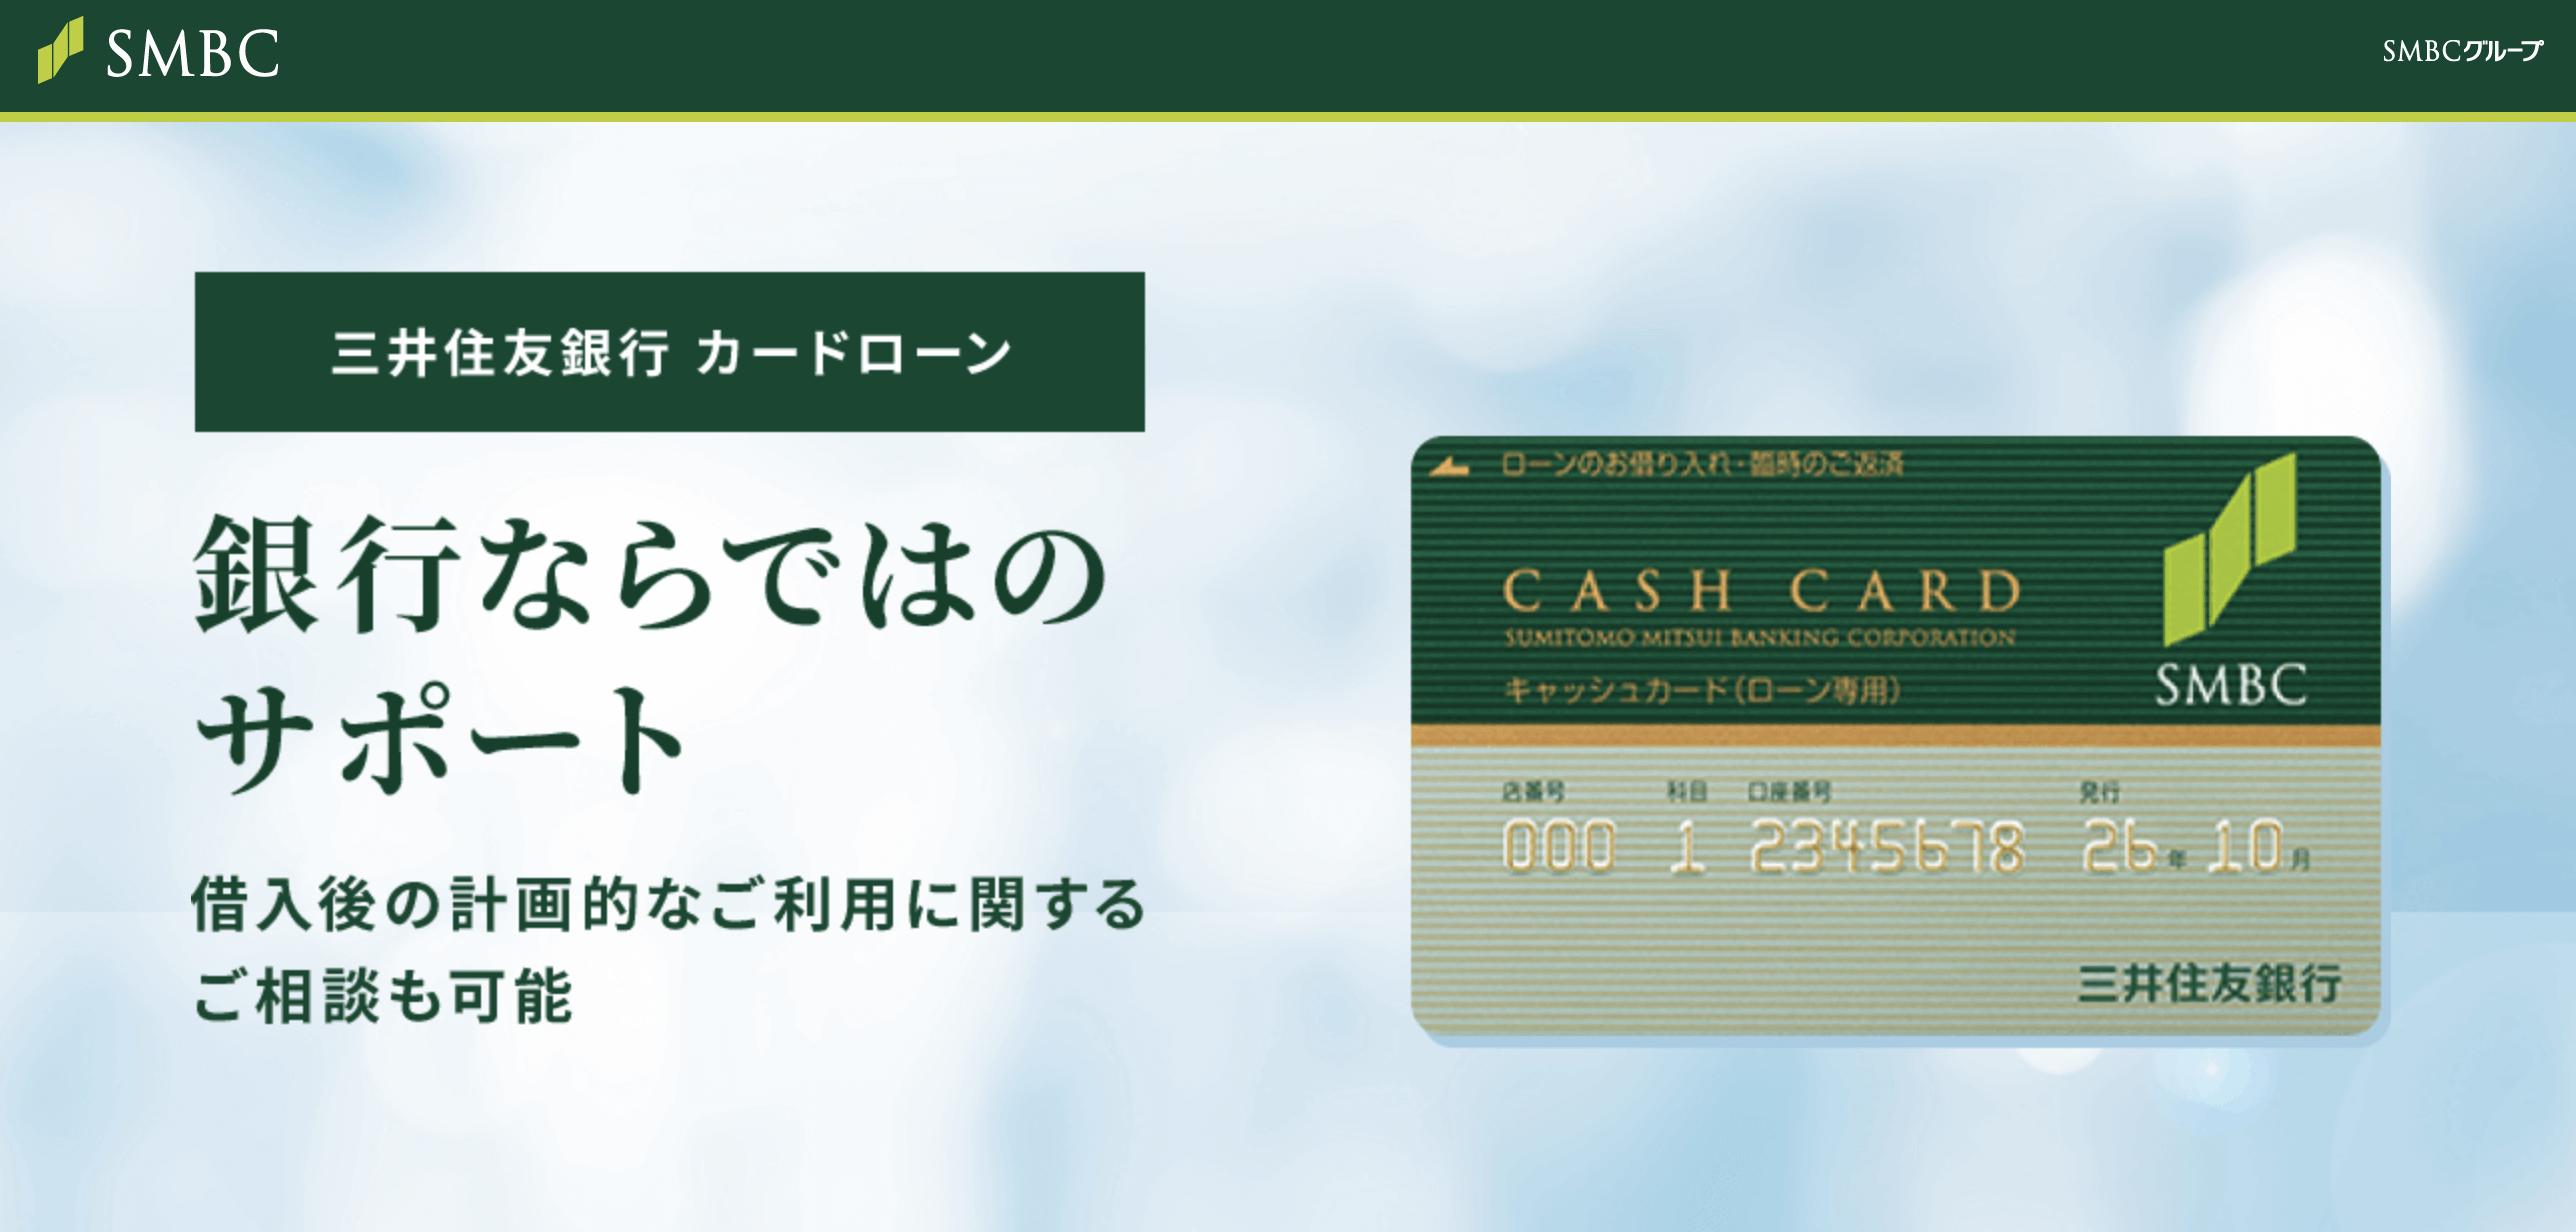 三井住友銀行カードローンの公式ページ